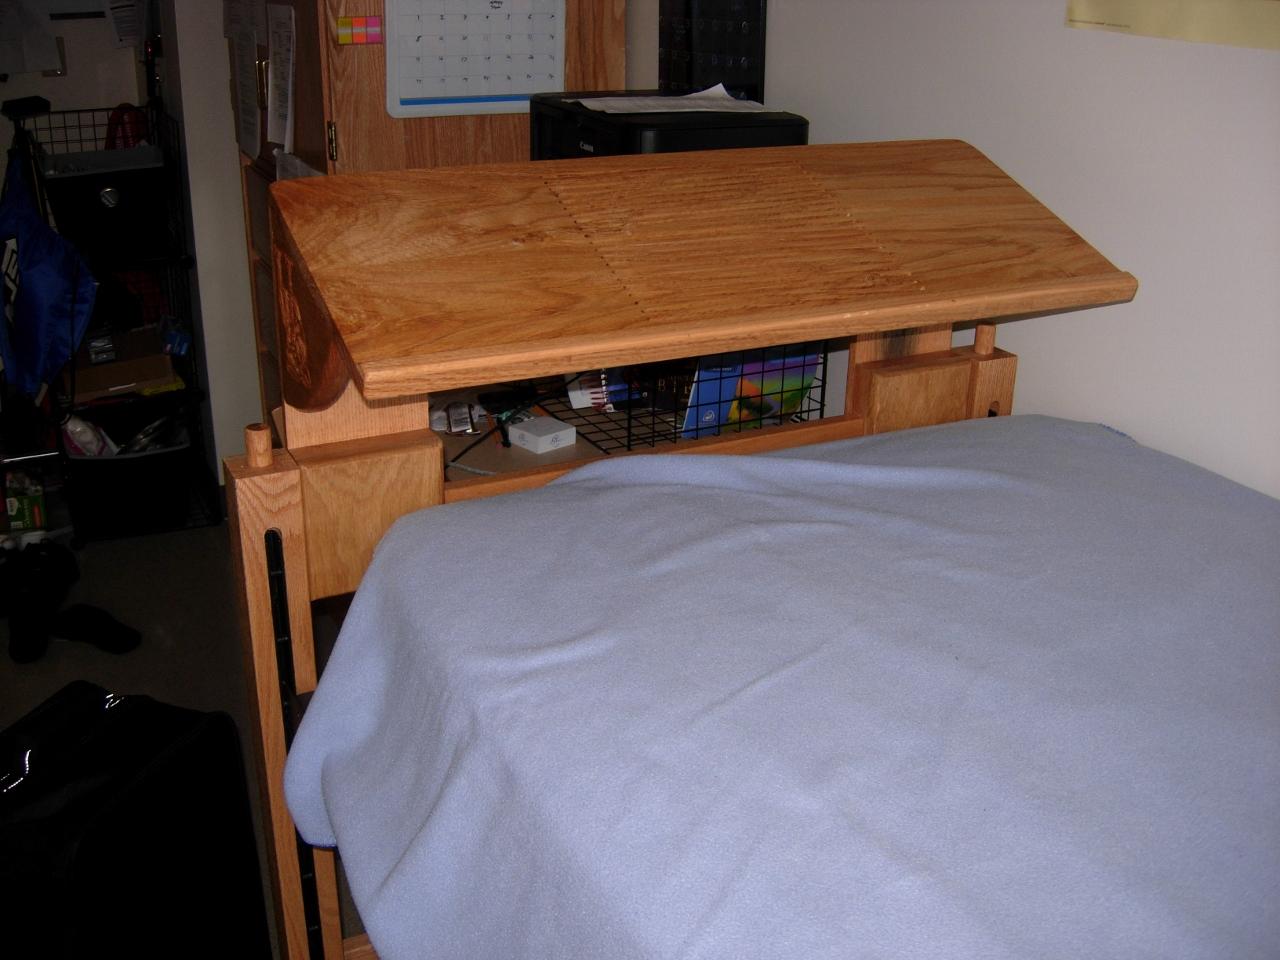 Laptop shelf for dorm bed - Delivered | Midnight Woodworking